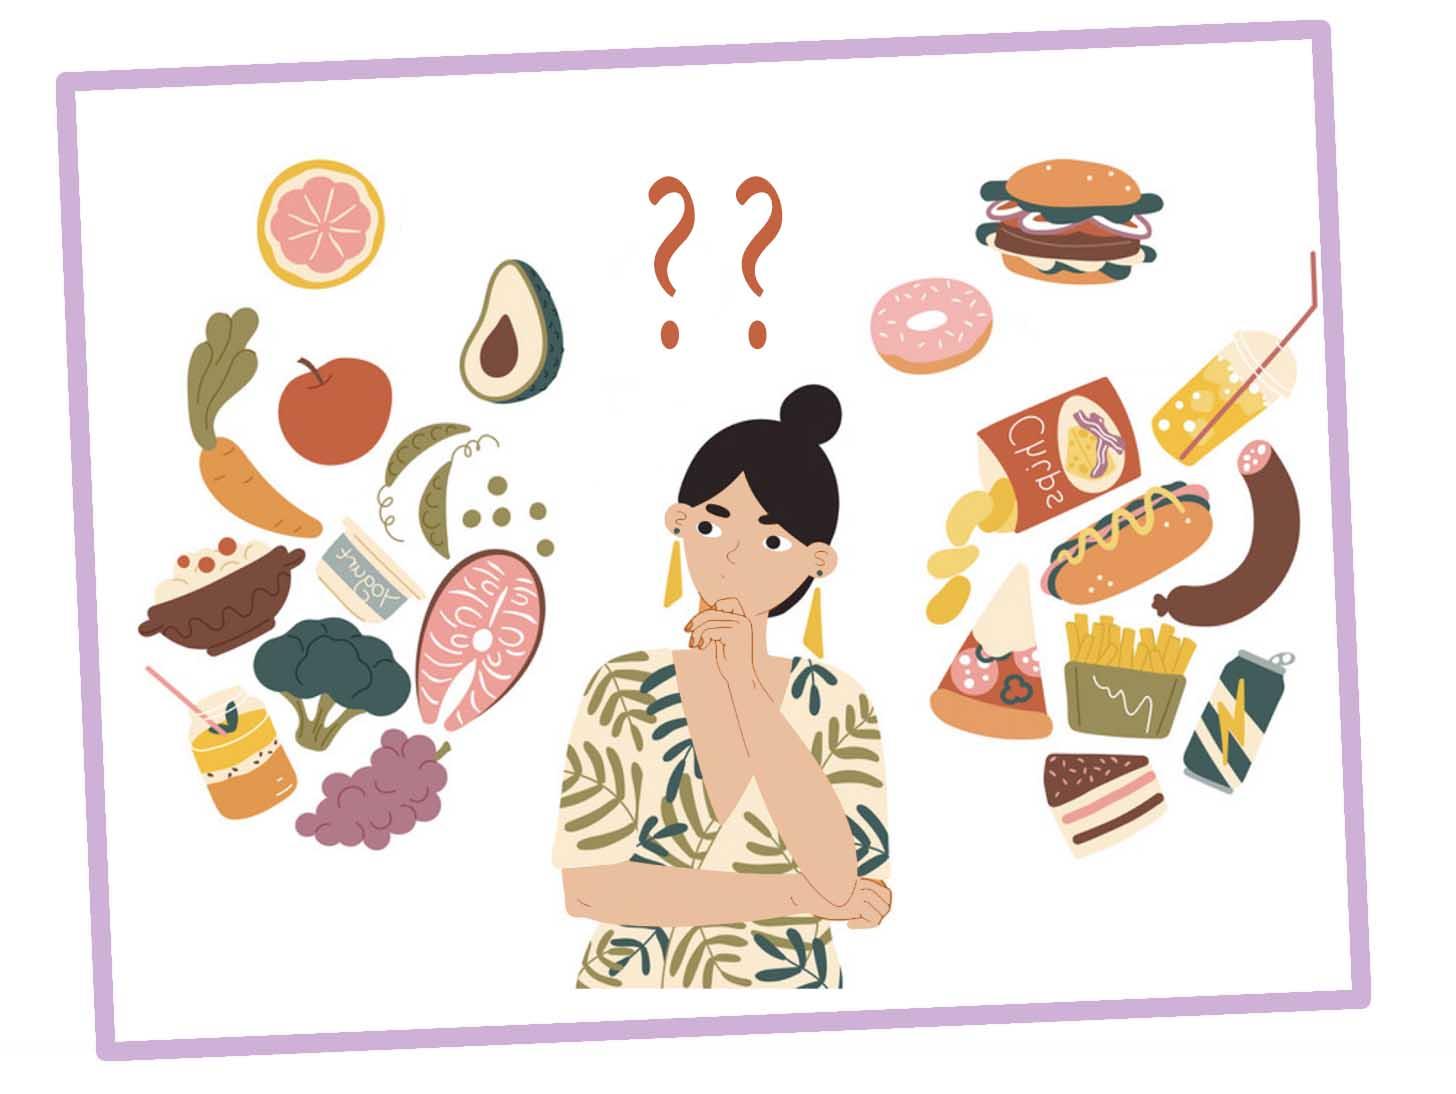 как правильно питаться, чтобы быть здоровым и похудеть